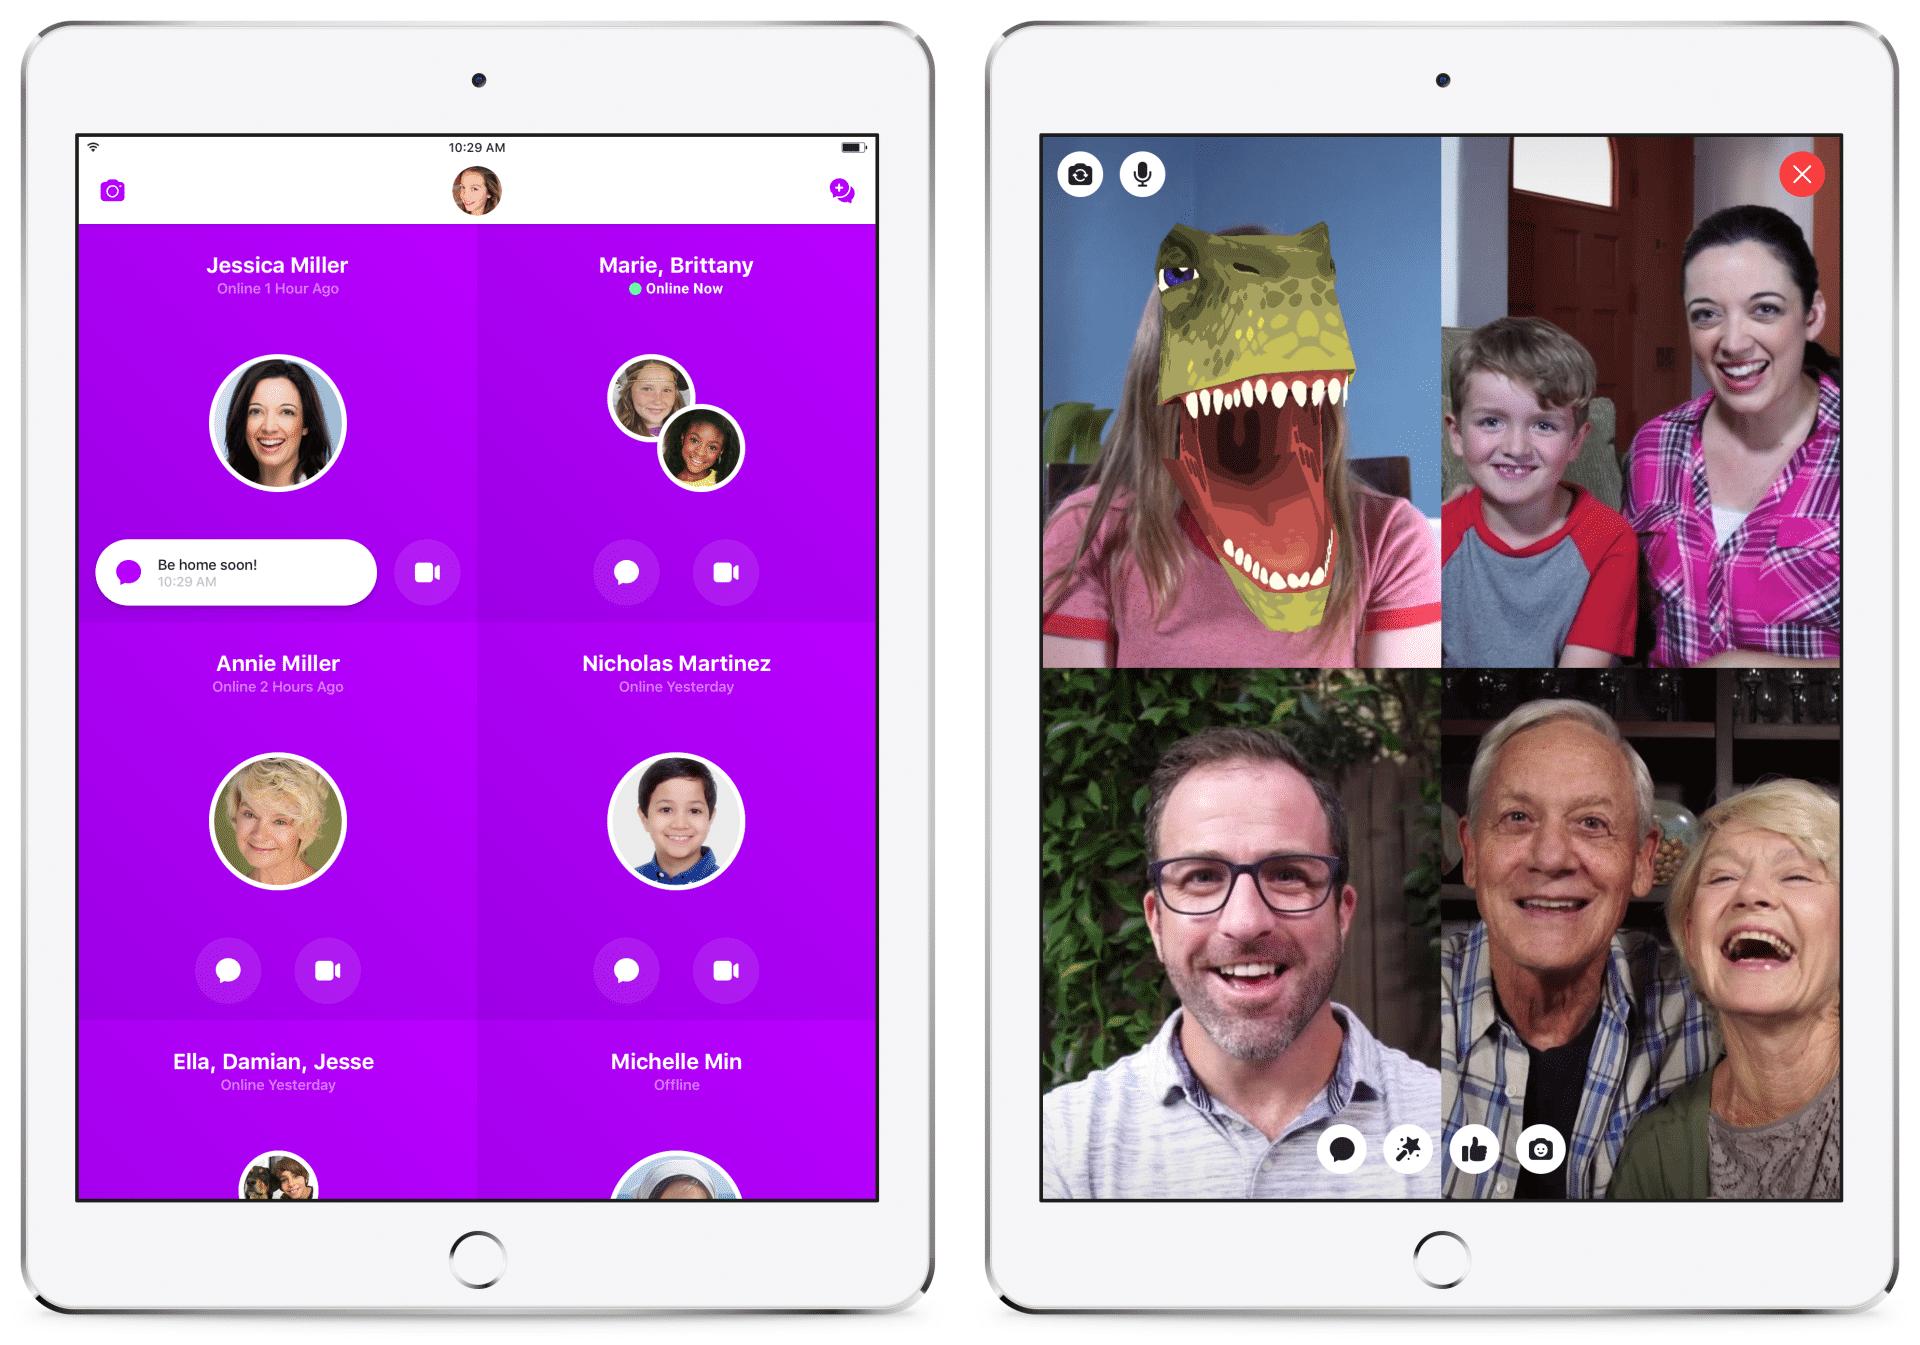 Mit Messenger Kids können Kinder mit Oma und Opa chatten. Damit das mehr Spaß macht, gibt es T-Rex-Masken.